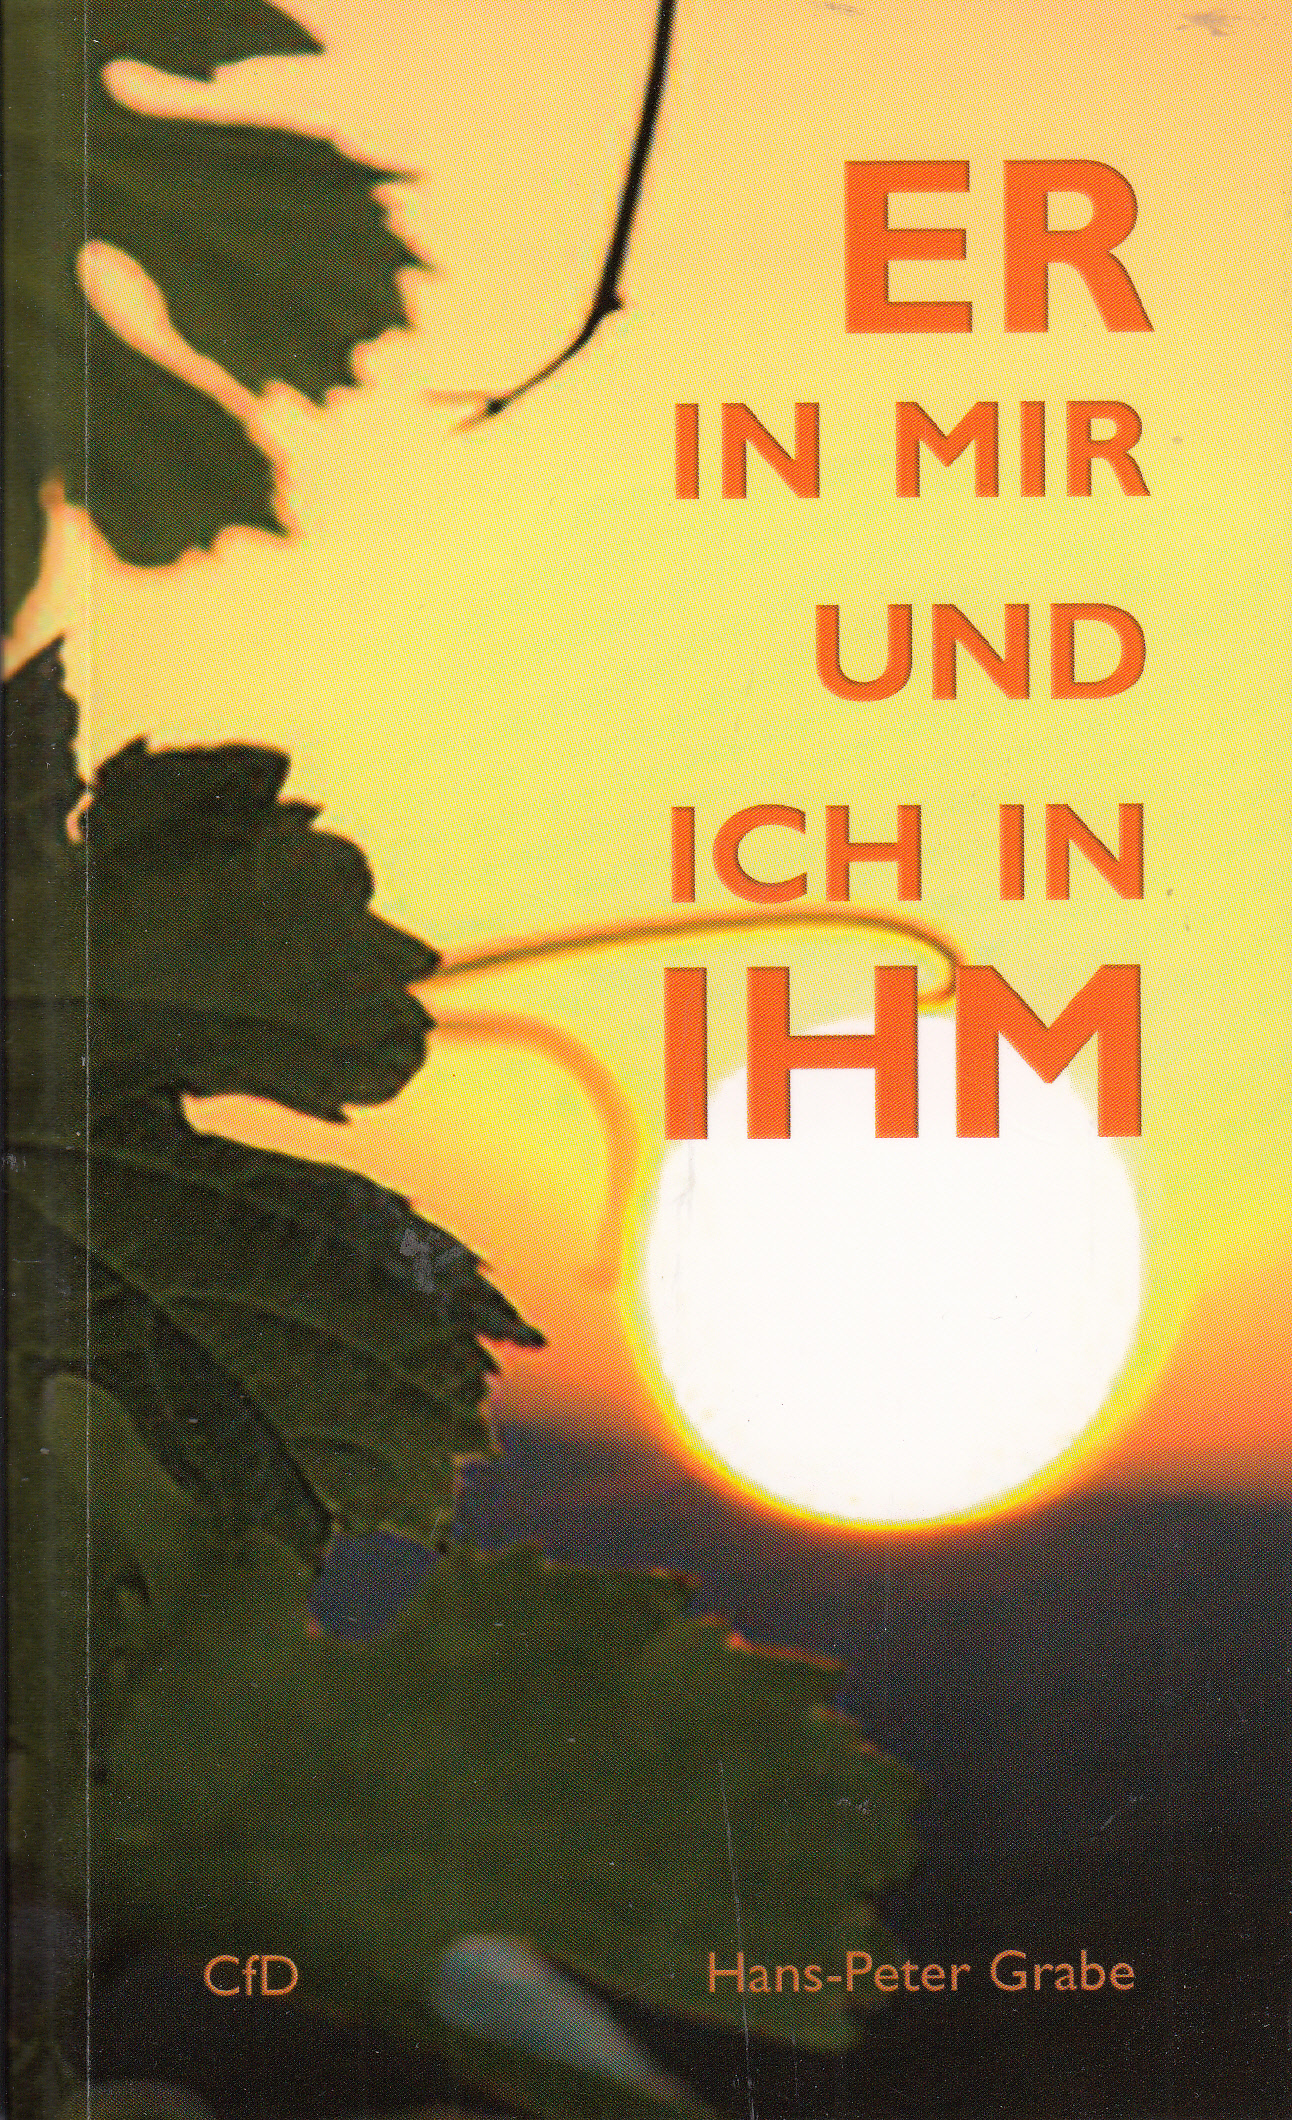 ER in mir und ich in IHM   Hans-Peter Grabe